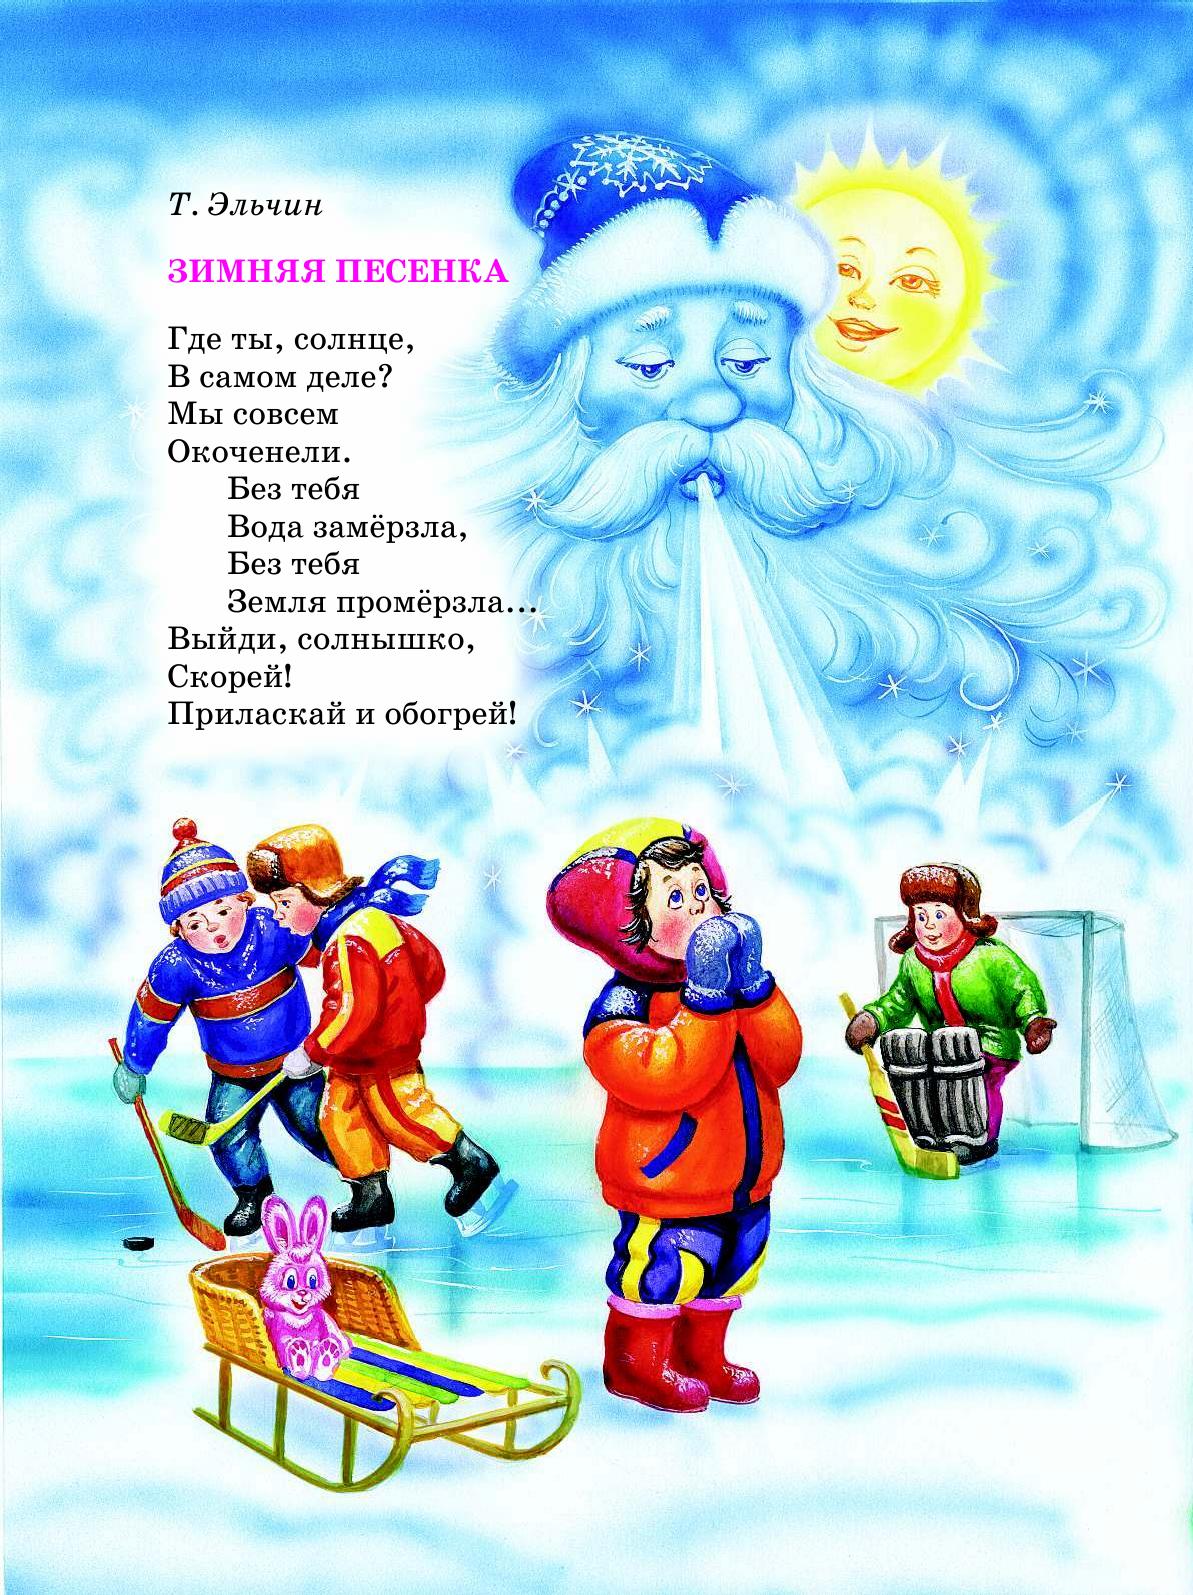 внук завершает прикольные стихи про зиму для детей 6-7 лет Улица дрожь натянутого